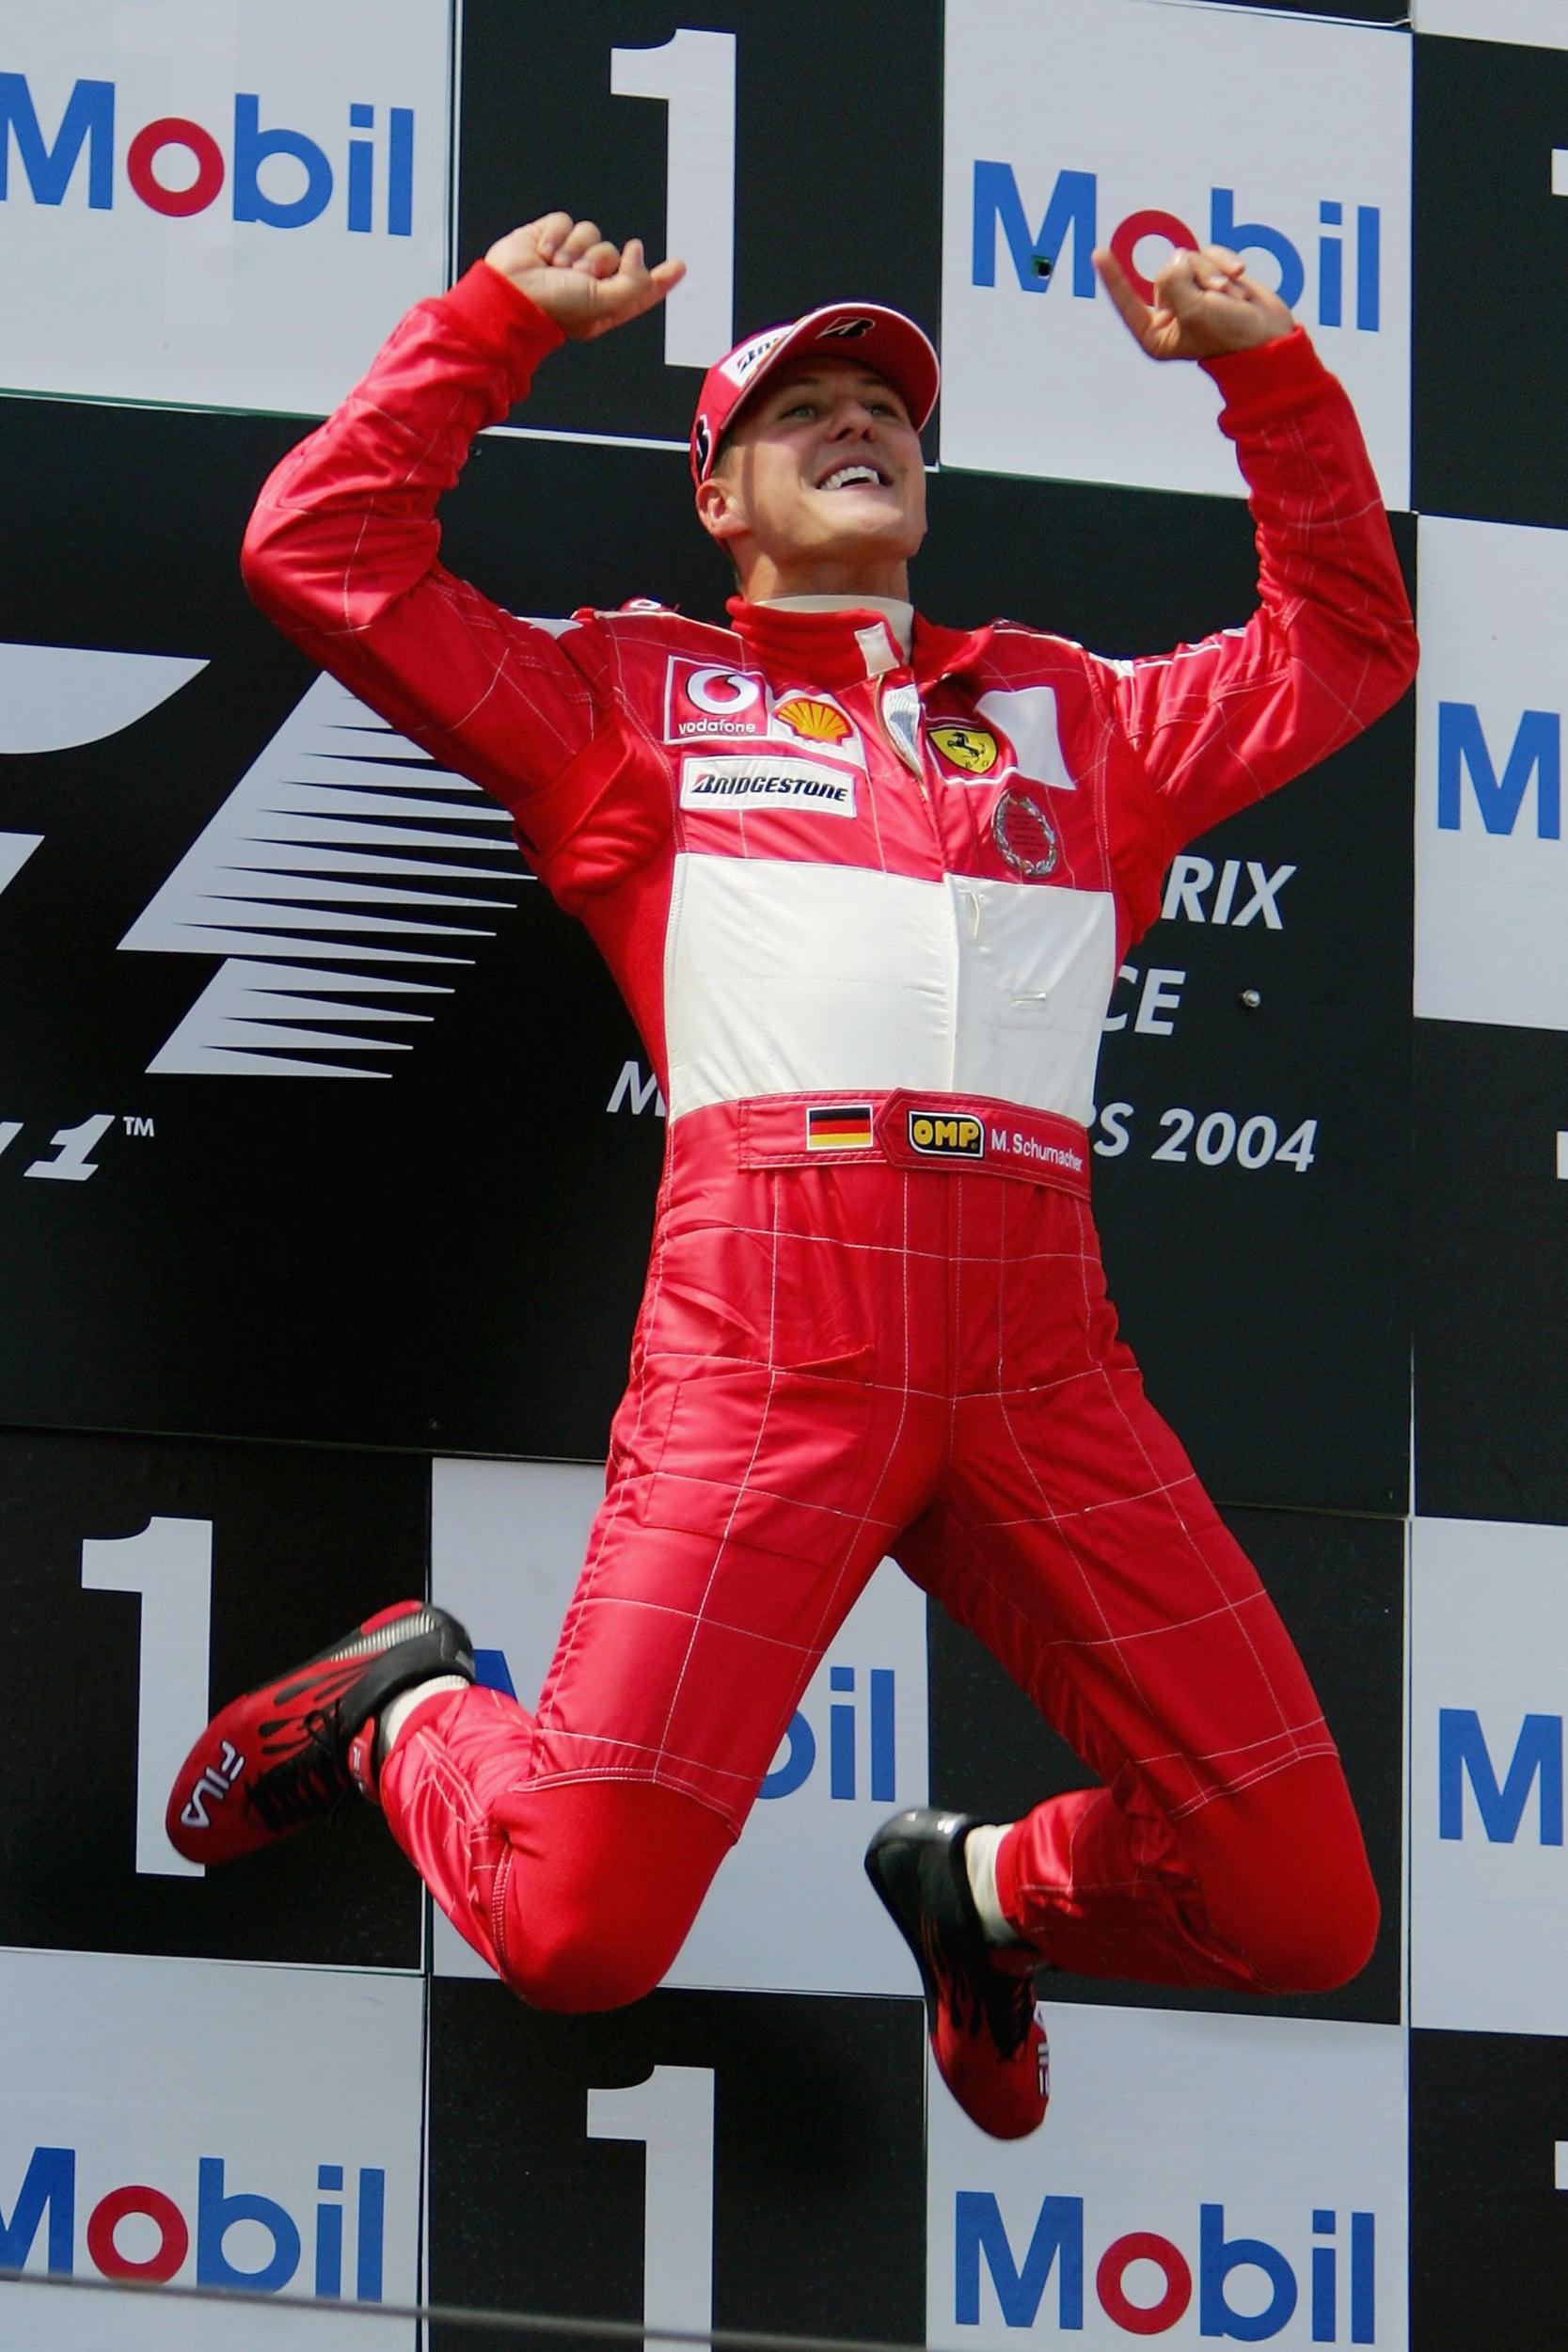 Michael Schumacher remporte le GP de France 2004 à Magny-Cours